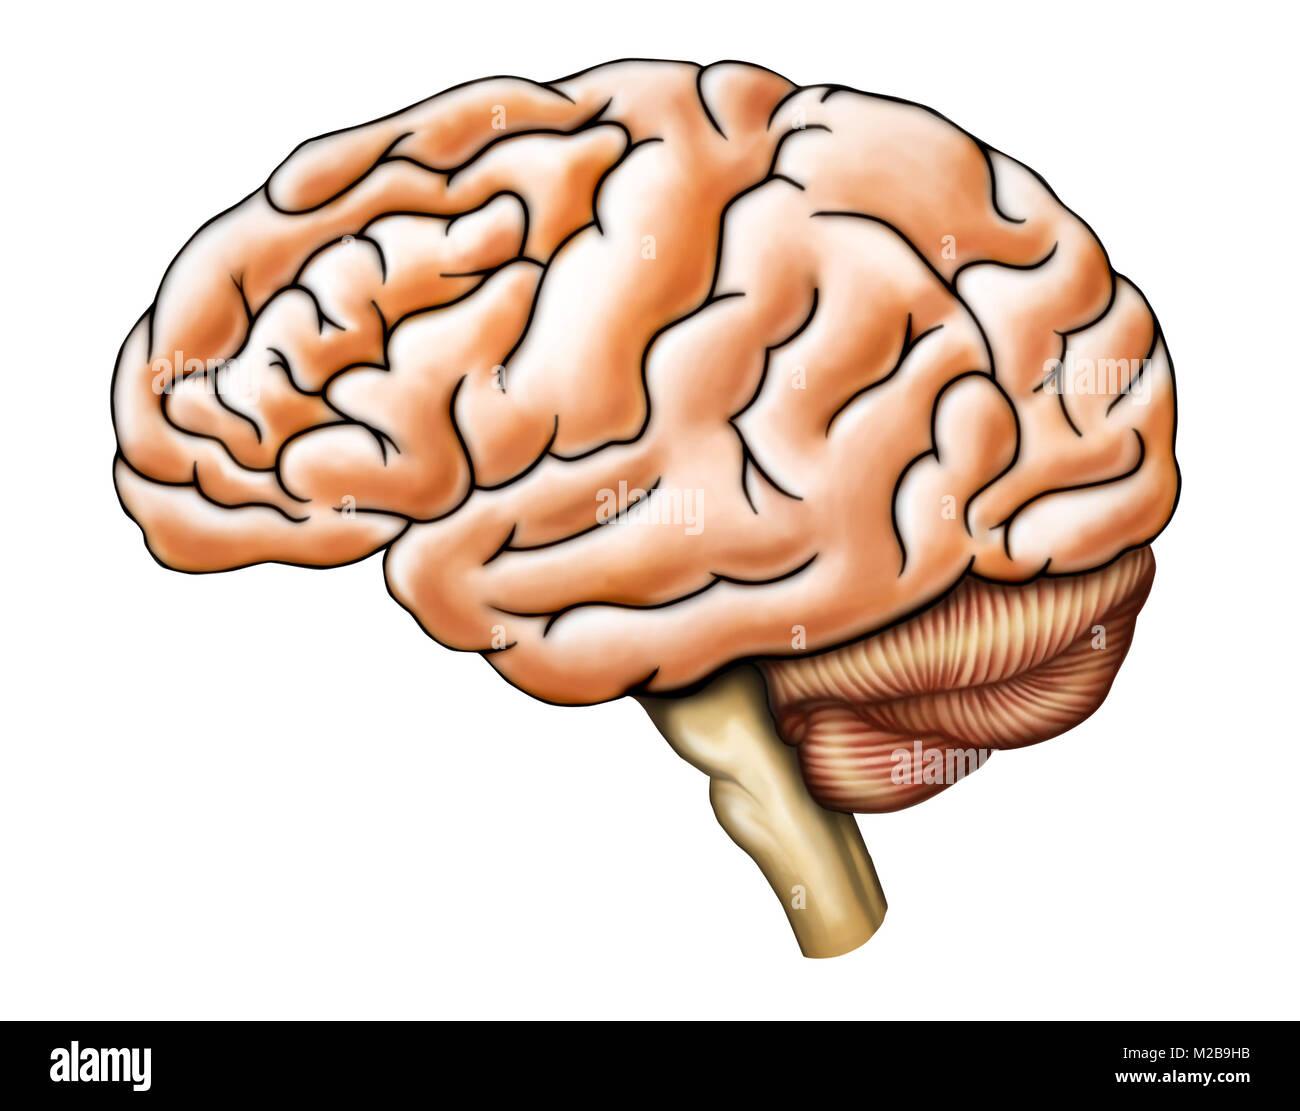 Die menschliche Anatomie des Gehirns, Seitenansicht. Digitale ...